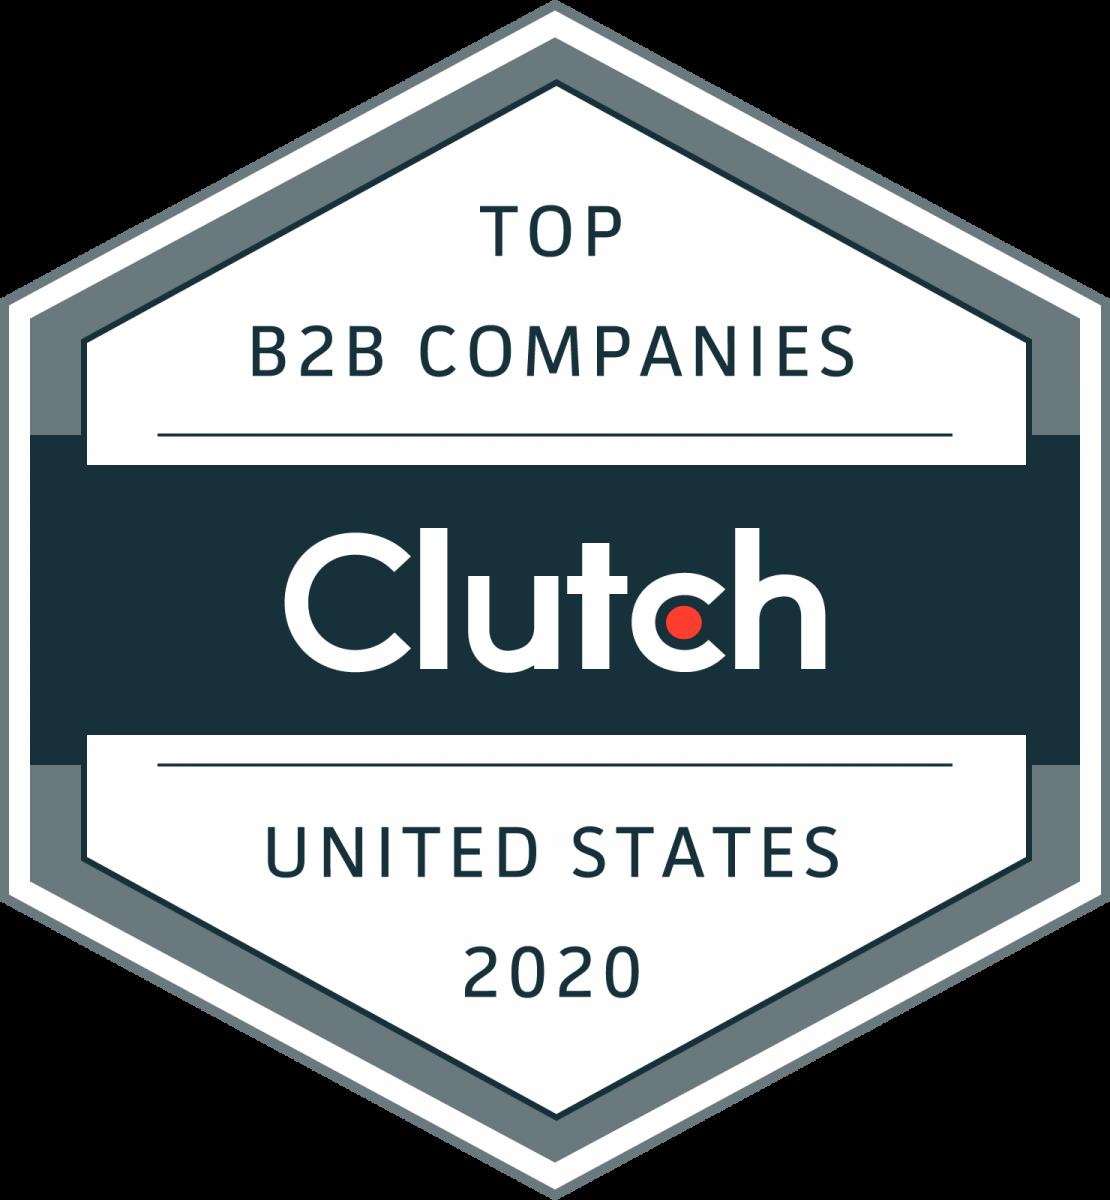 Top US B2B Companies